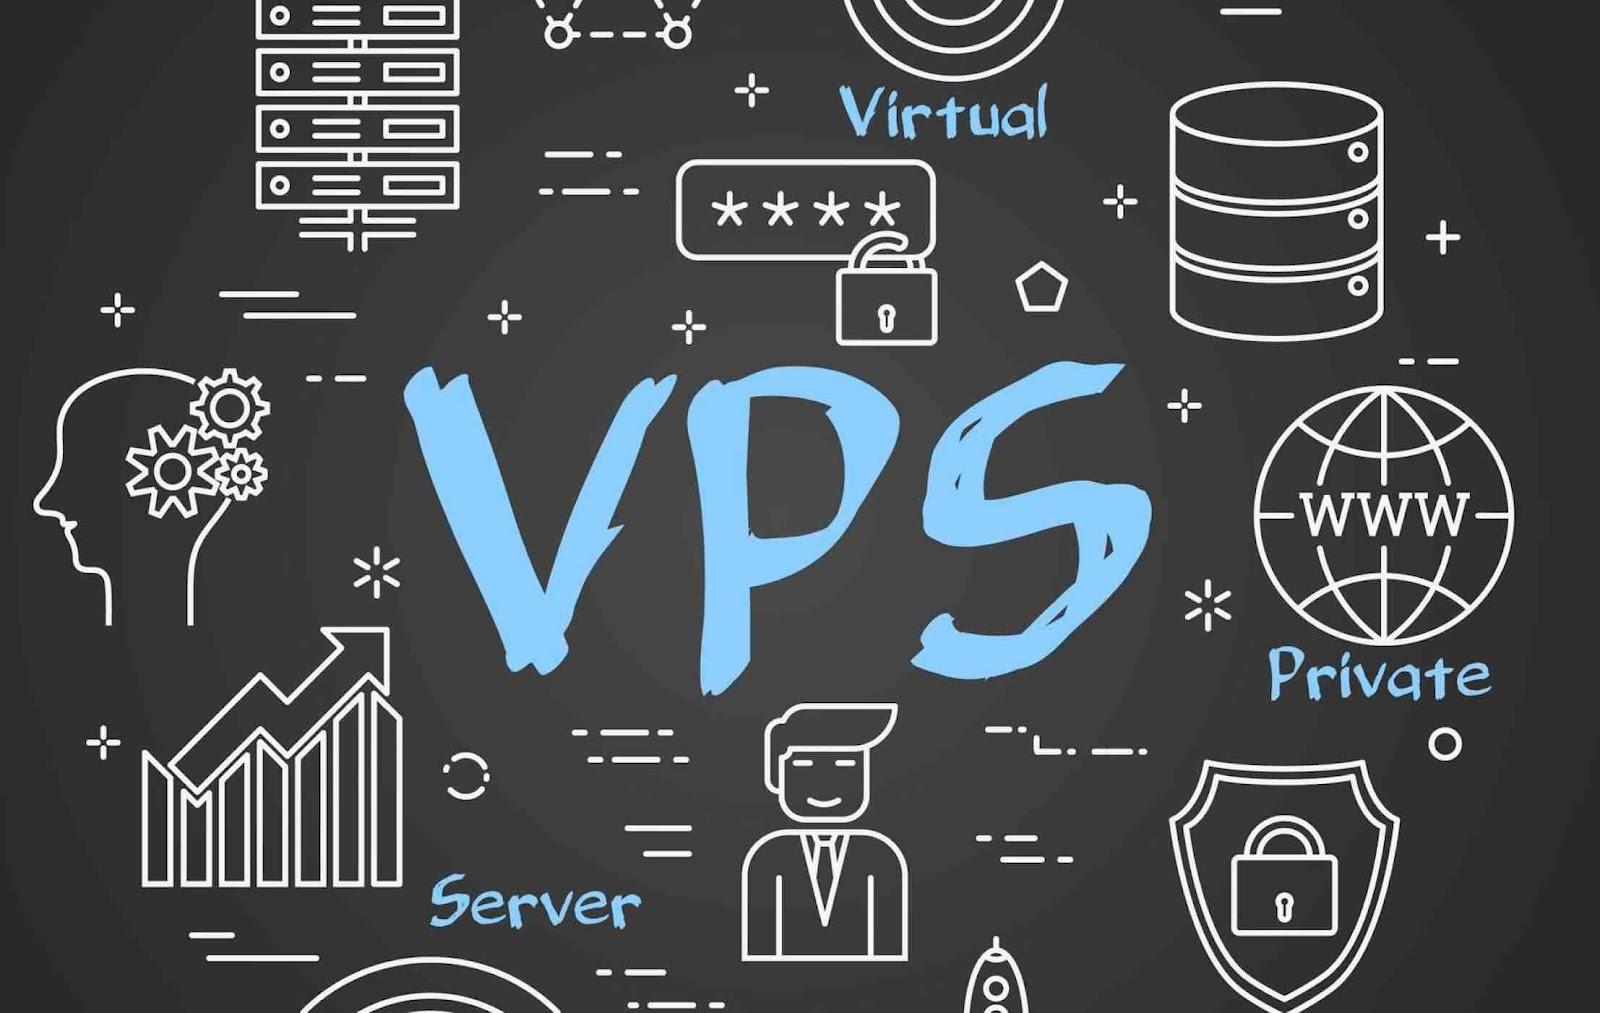 Giới thiệu dịch vụ của Vietnix tới bạn đọc